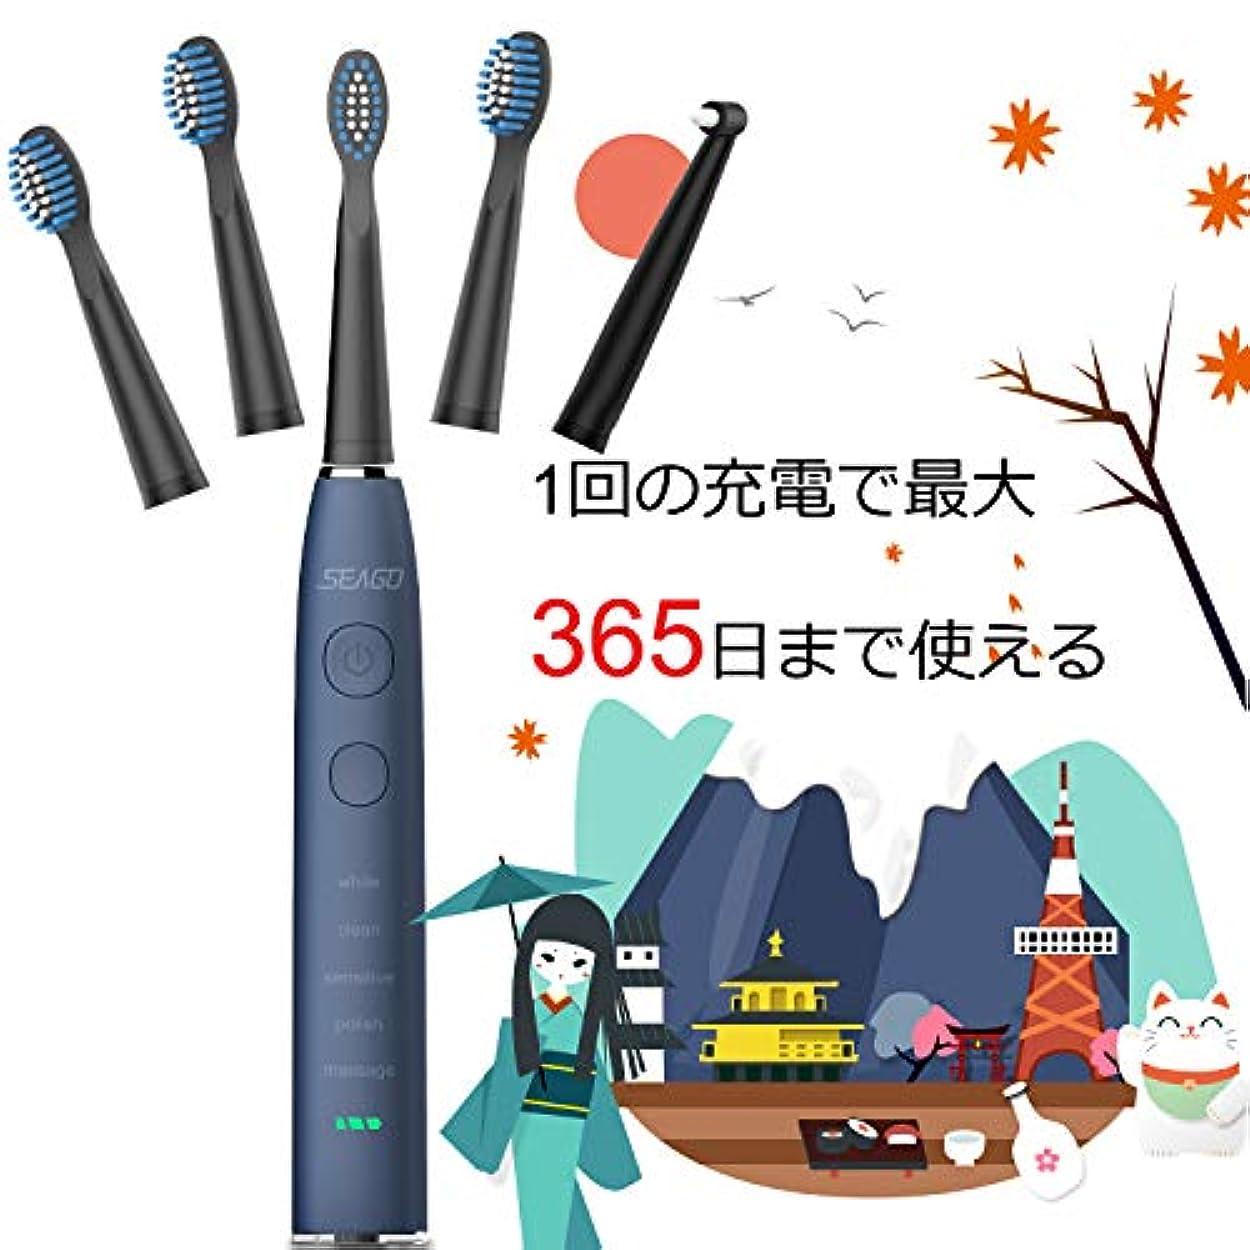 お客様寝具メディック電動歯ブラシ 歯ブラシ seago 音波歯ブラシ USB充電式8時間 365日に使用 IPX7防水 五つモードと2分オートタイマー機能搭載 替えブラシ5本 12ヶ月メーカー保証 SG-575(ブルー)